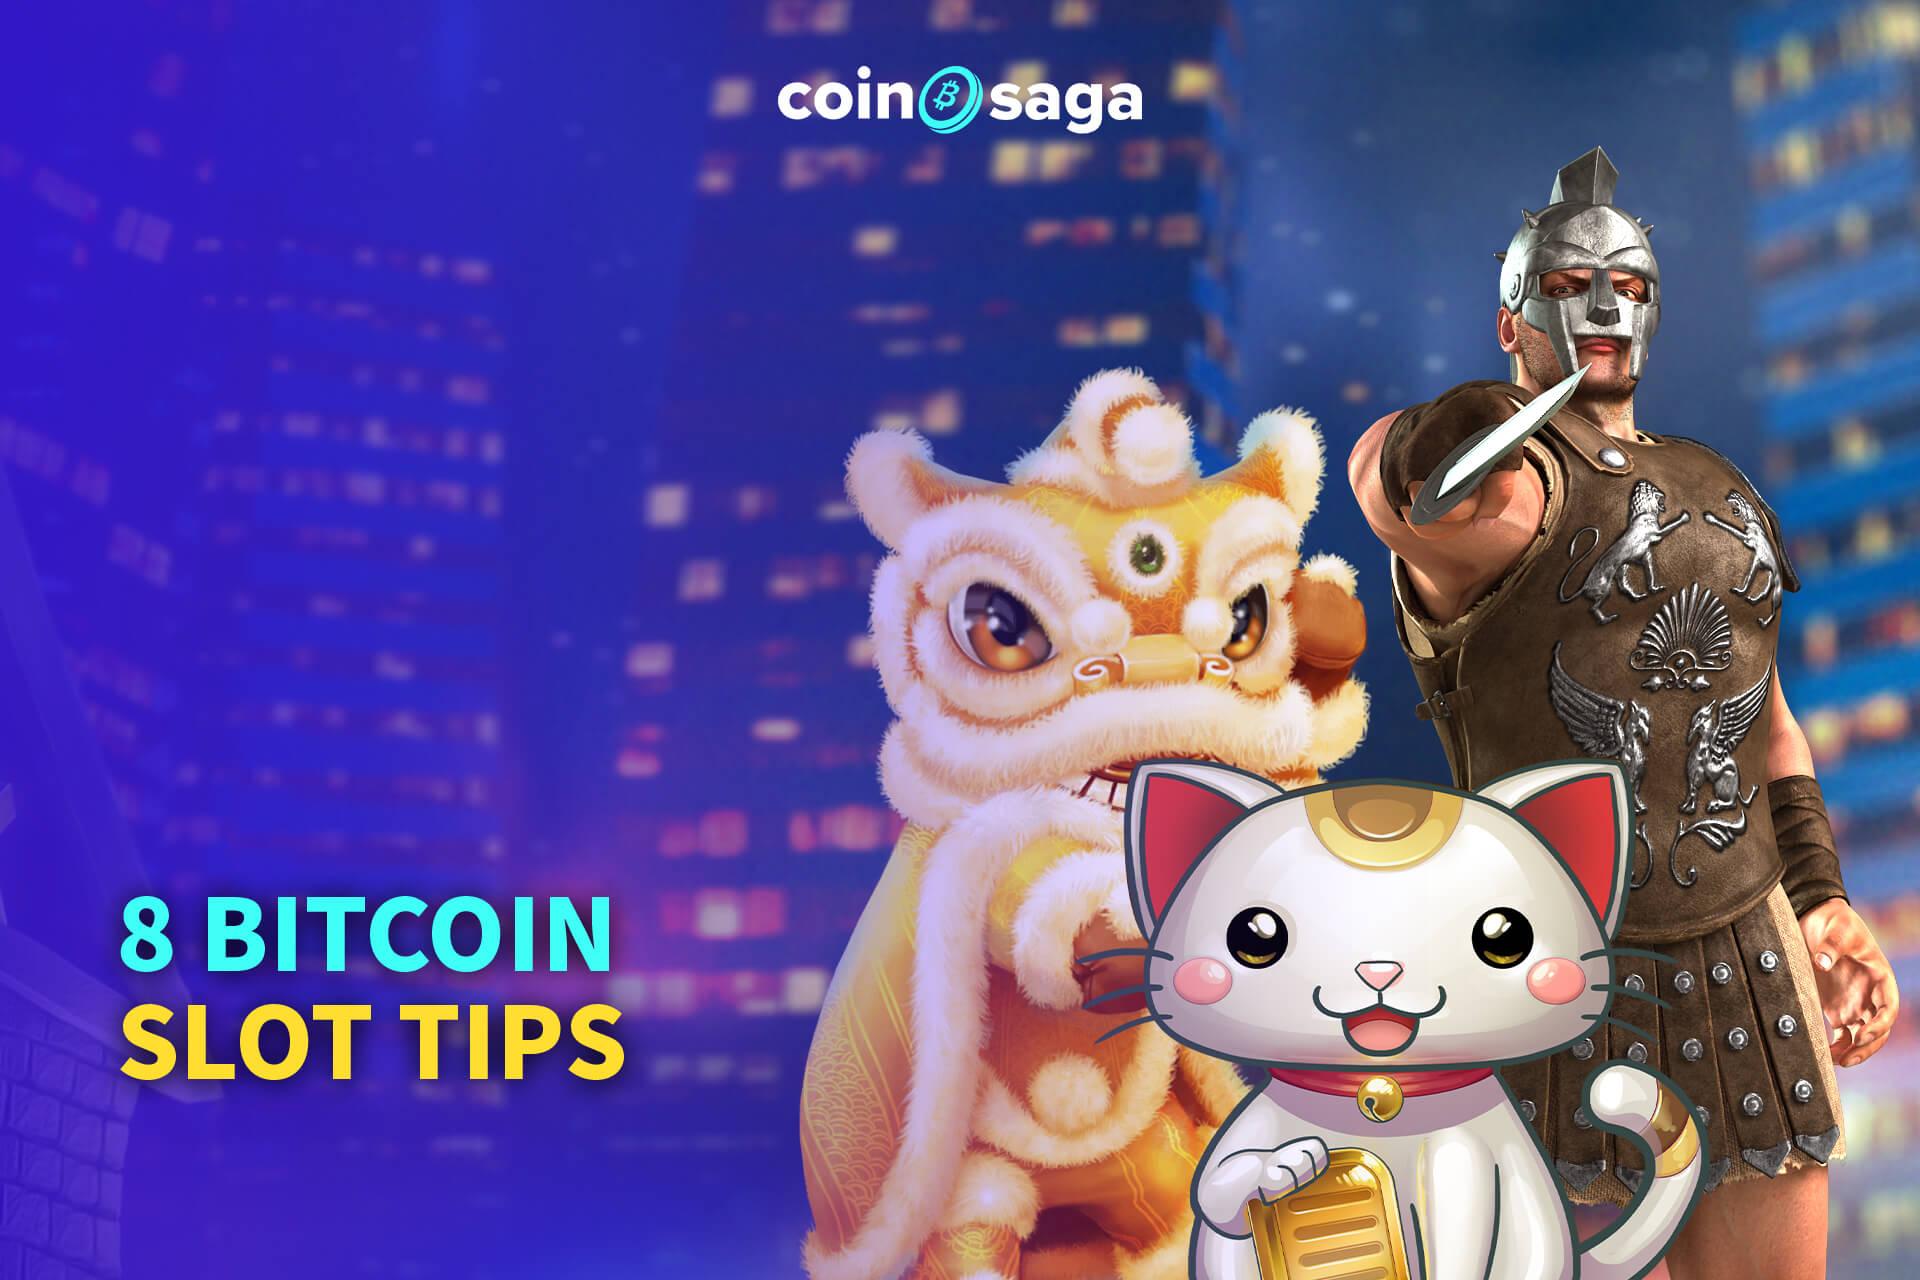 bitcoin slot tips